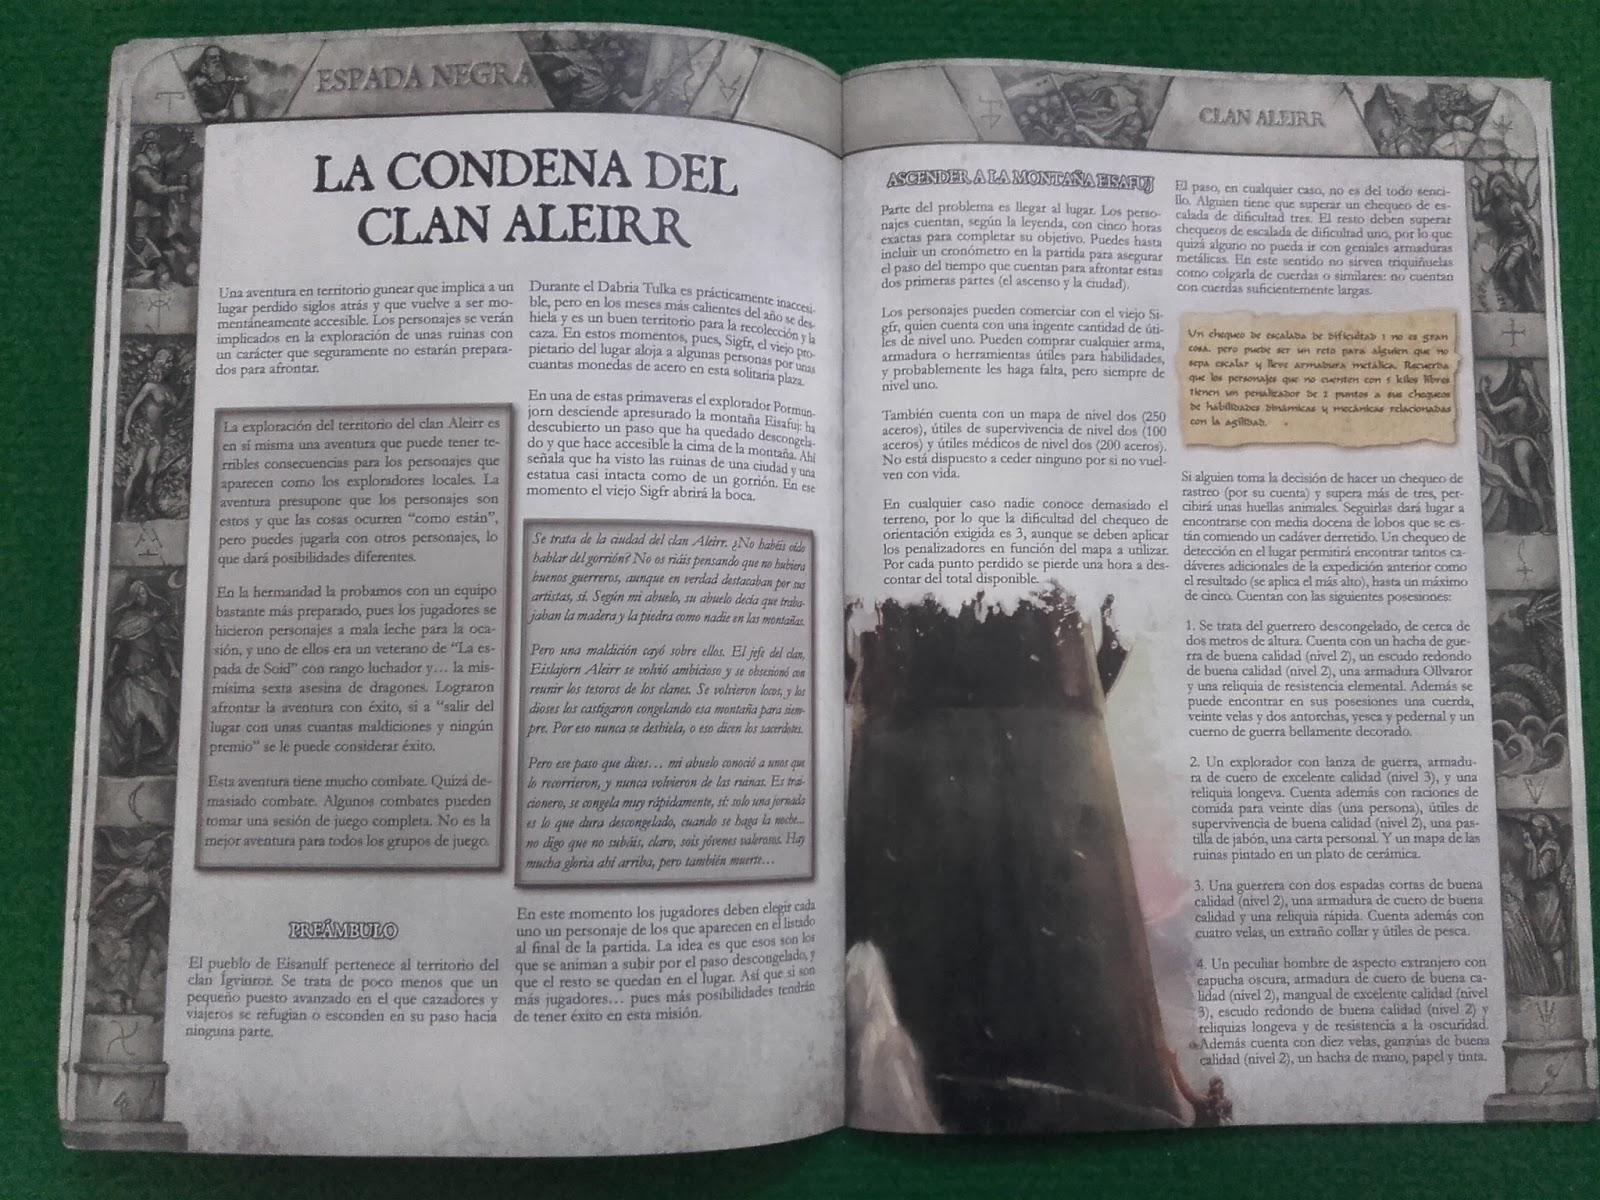 La Condena Del Clan Aleirr Aporte Fotográfico La Marca Del Este